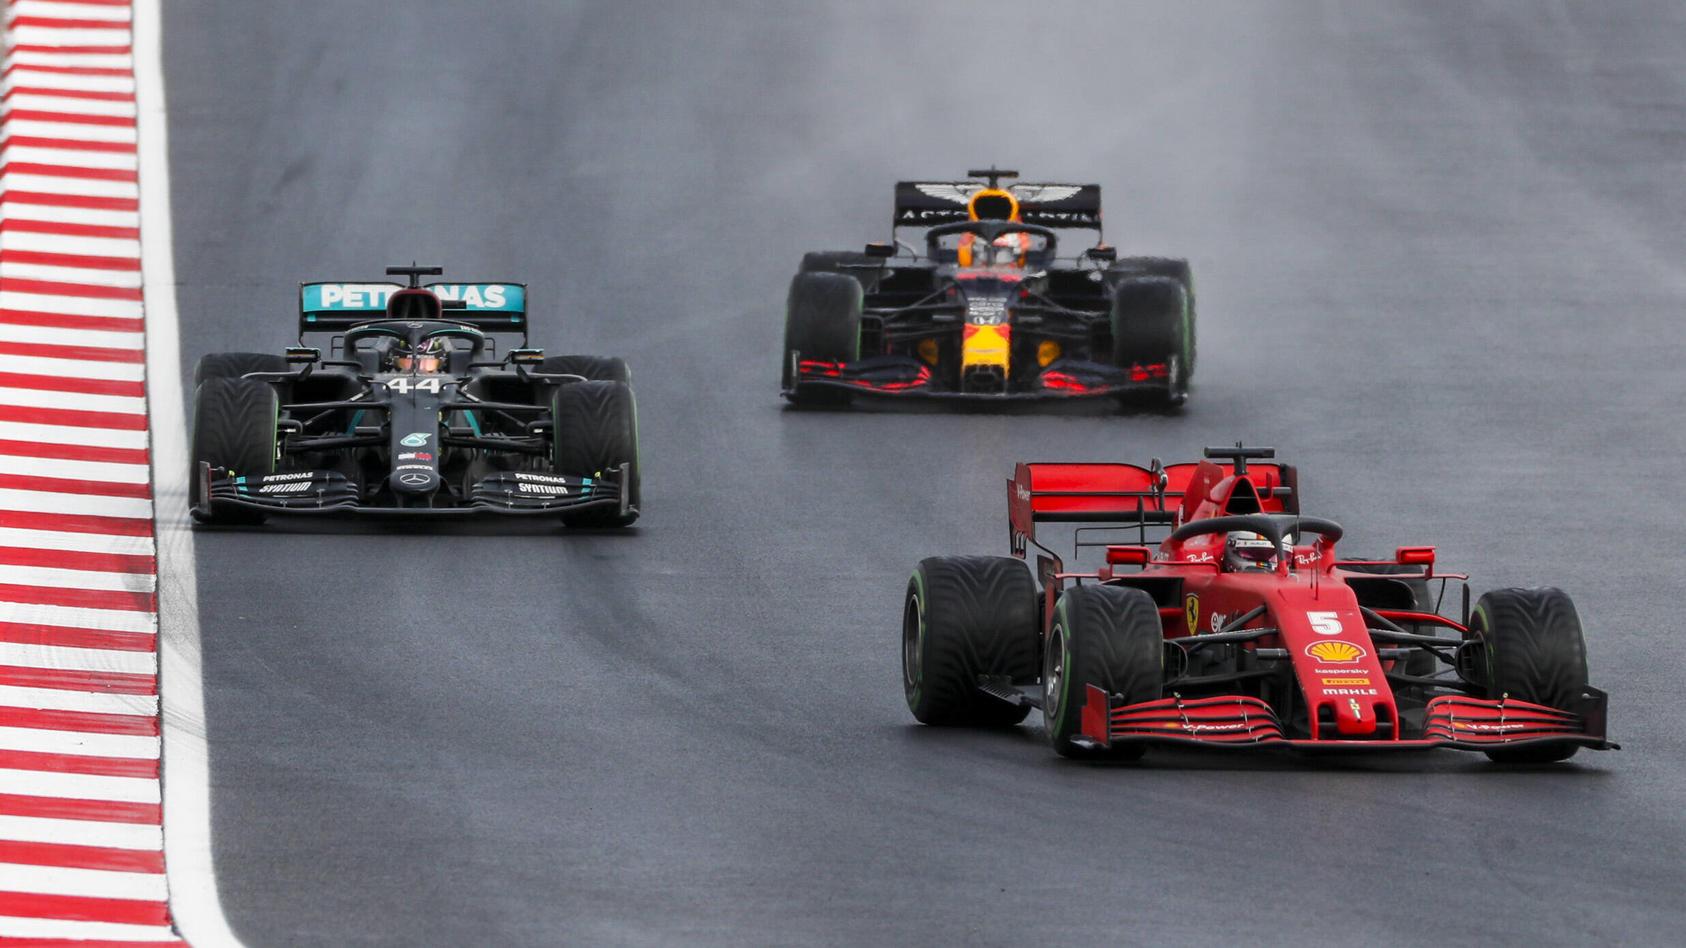 Im Vorjahr erlebten die Fans ein spektakuläres und dramatisches Rennen in auf dem Istanbul Park Circuit